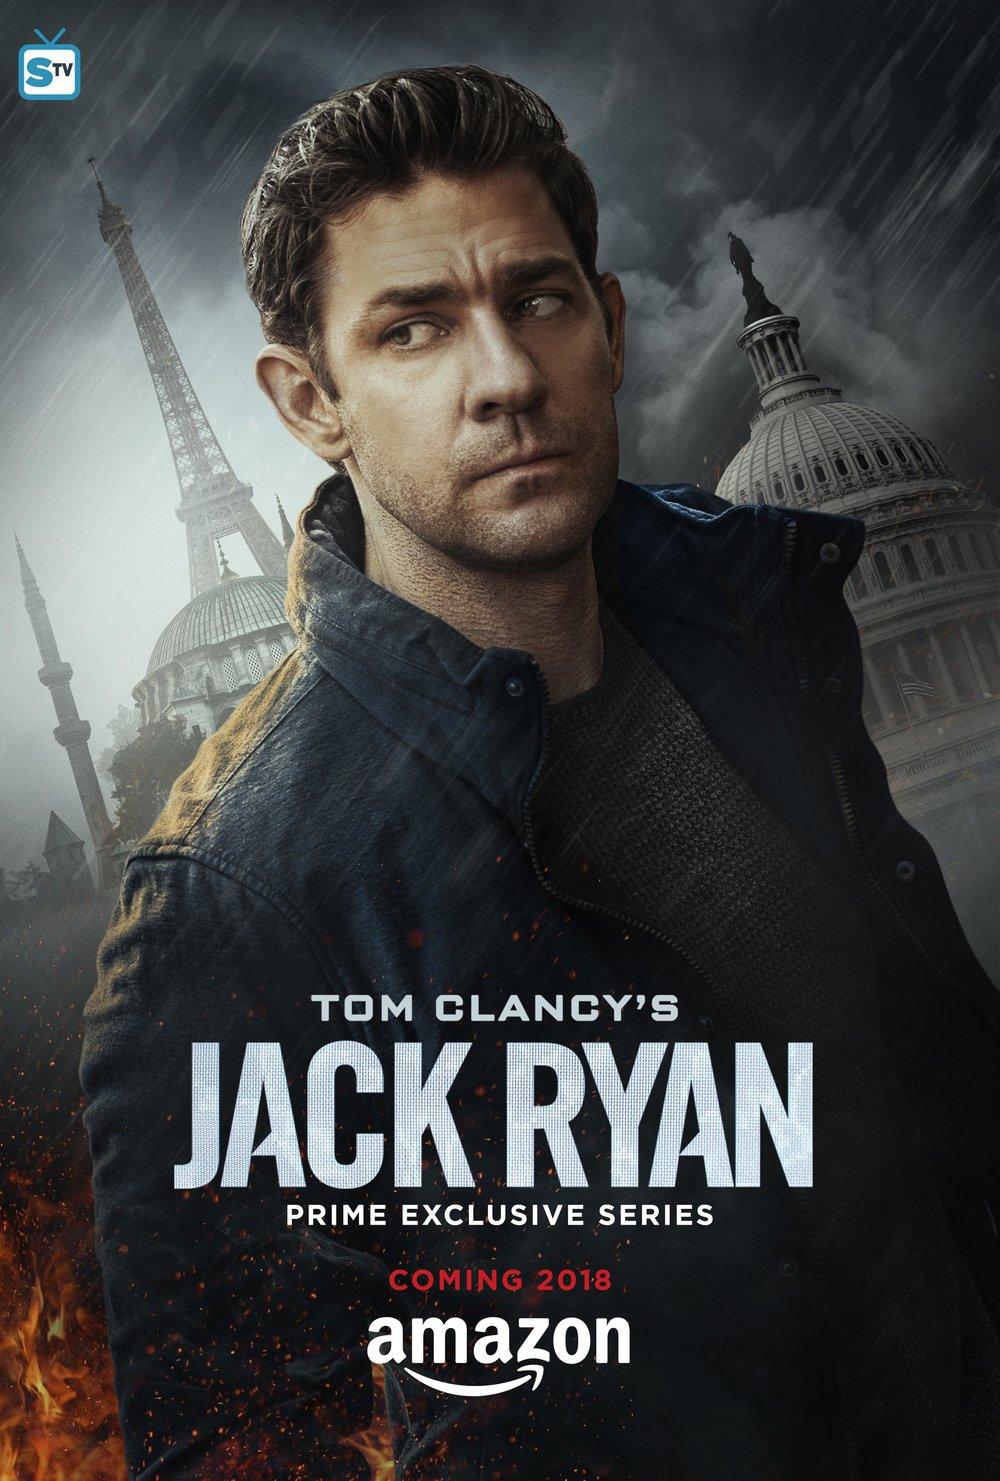 jack-ryan-poster_FULL.jpg